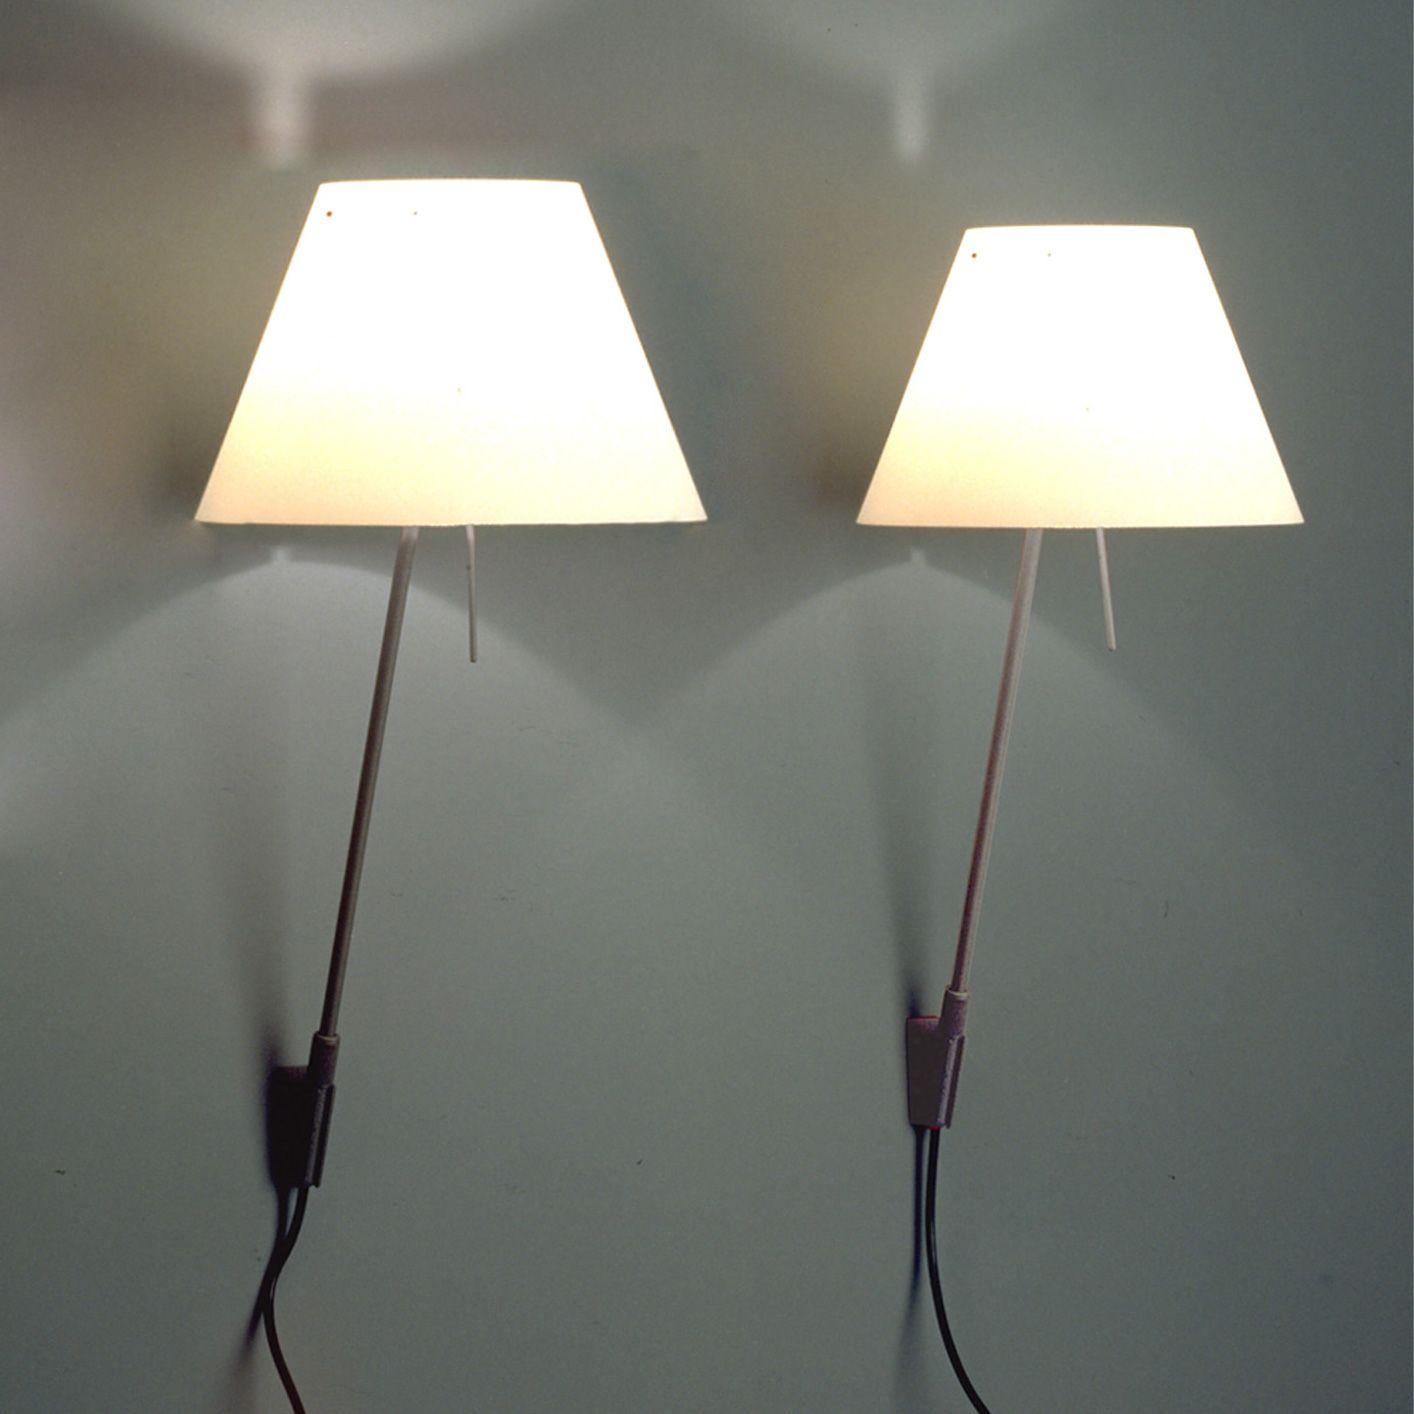 Schlafzimmer Hänge Lampe: Luceplan Costanzina D13 A.pi. Wandleuchte